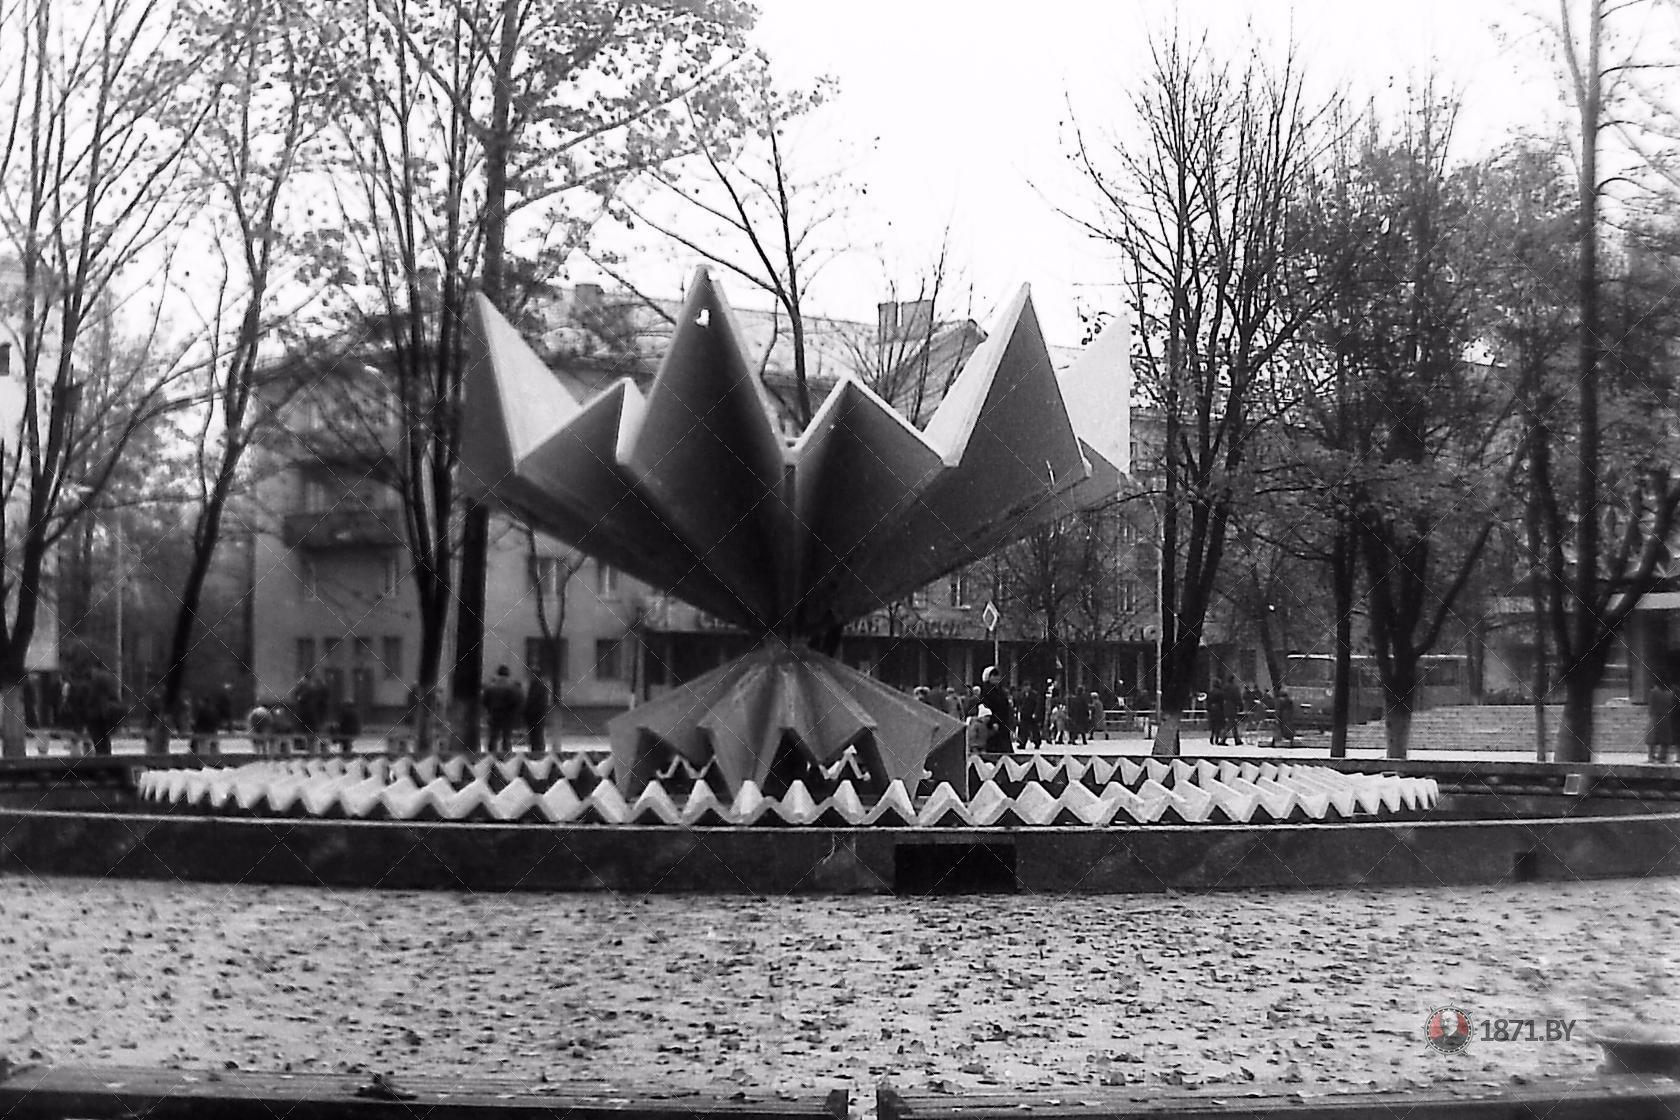 1985 год. Городской фонтан. Фото: сайт 1871.by